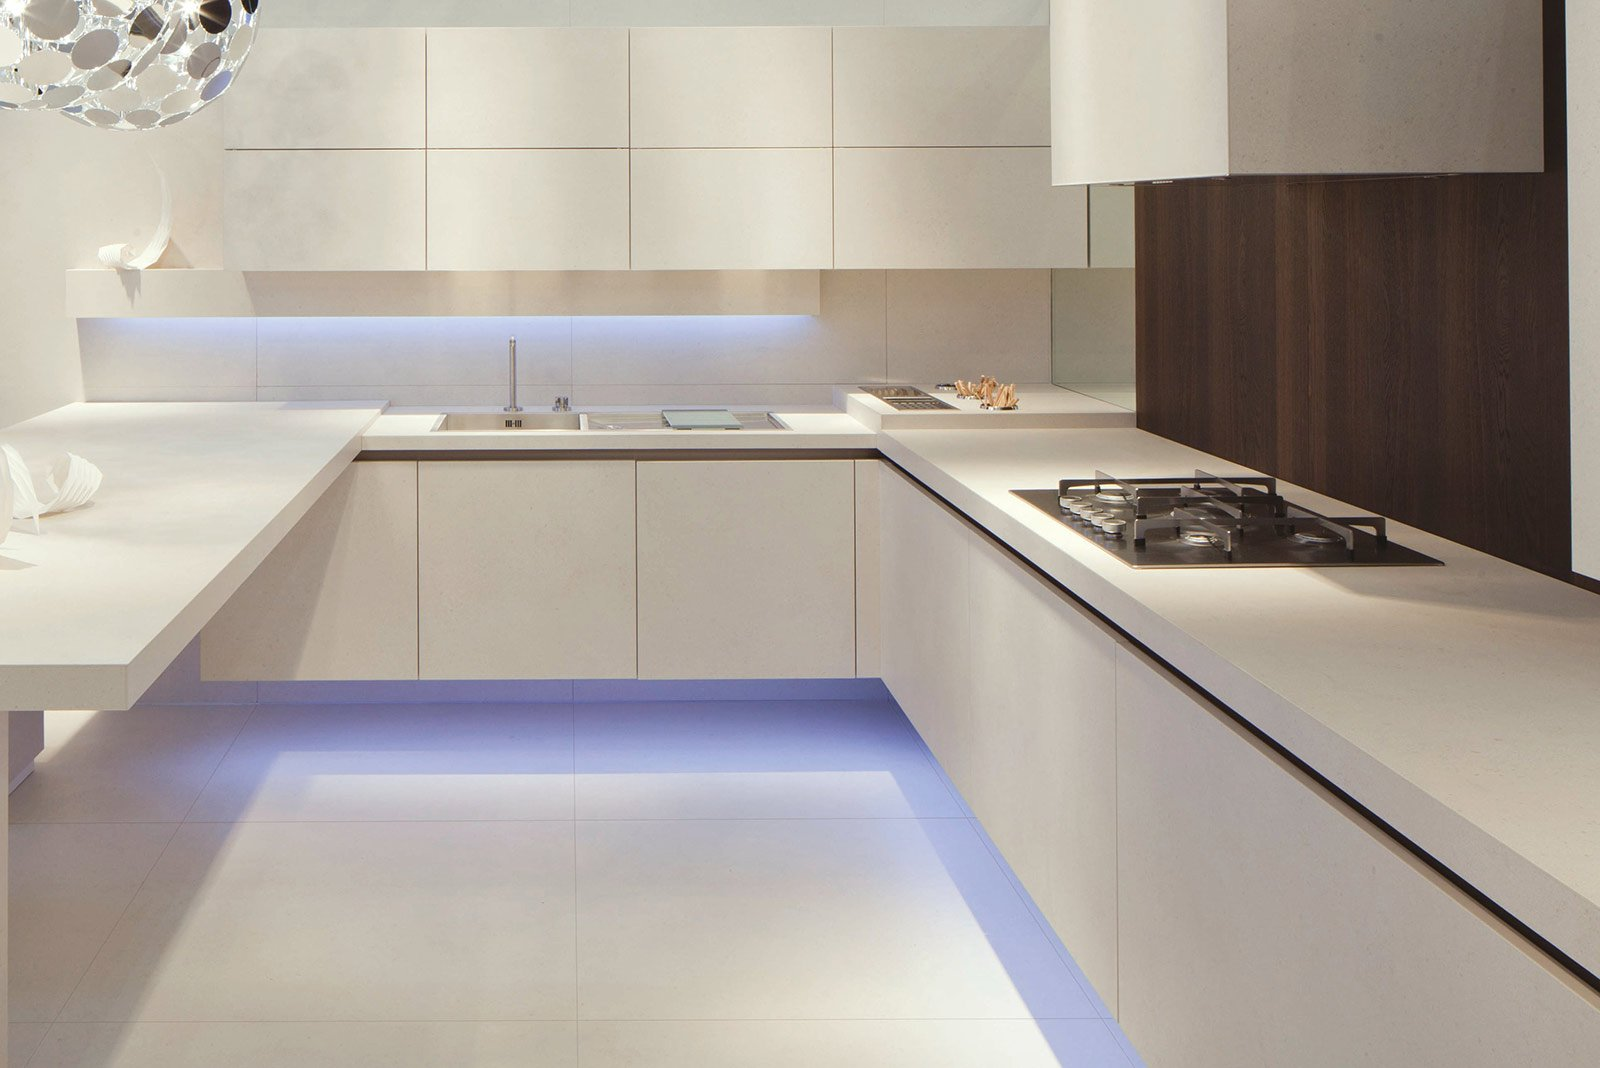 Cucina la trasformo e la personalizzo cos cose di casa - Cucina senza piastrelle ...